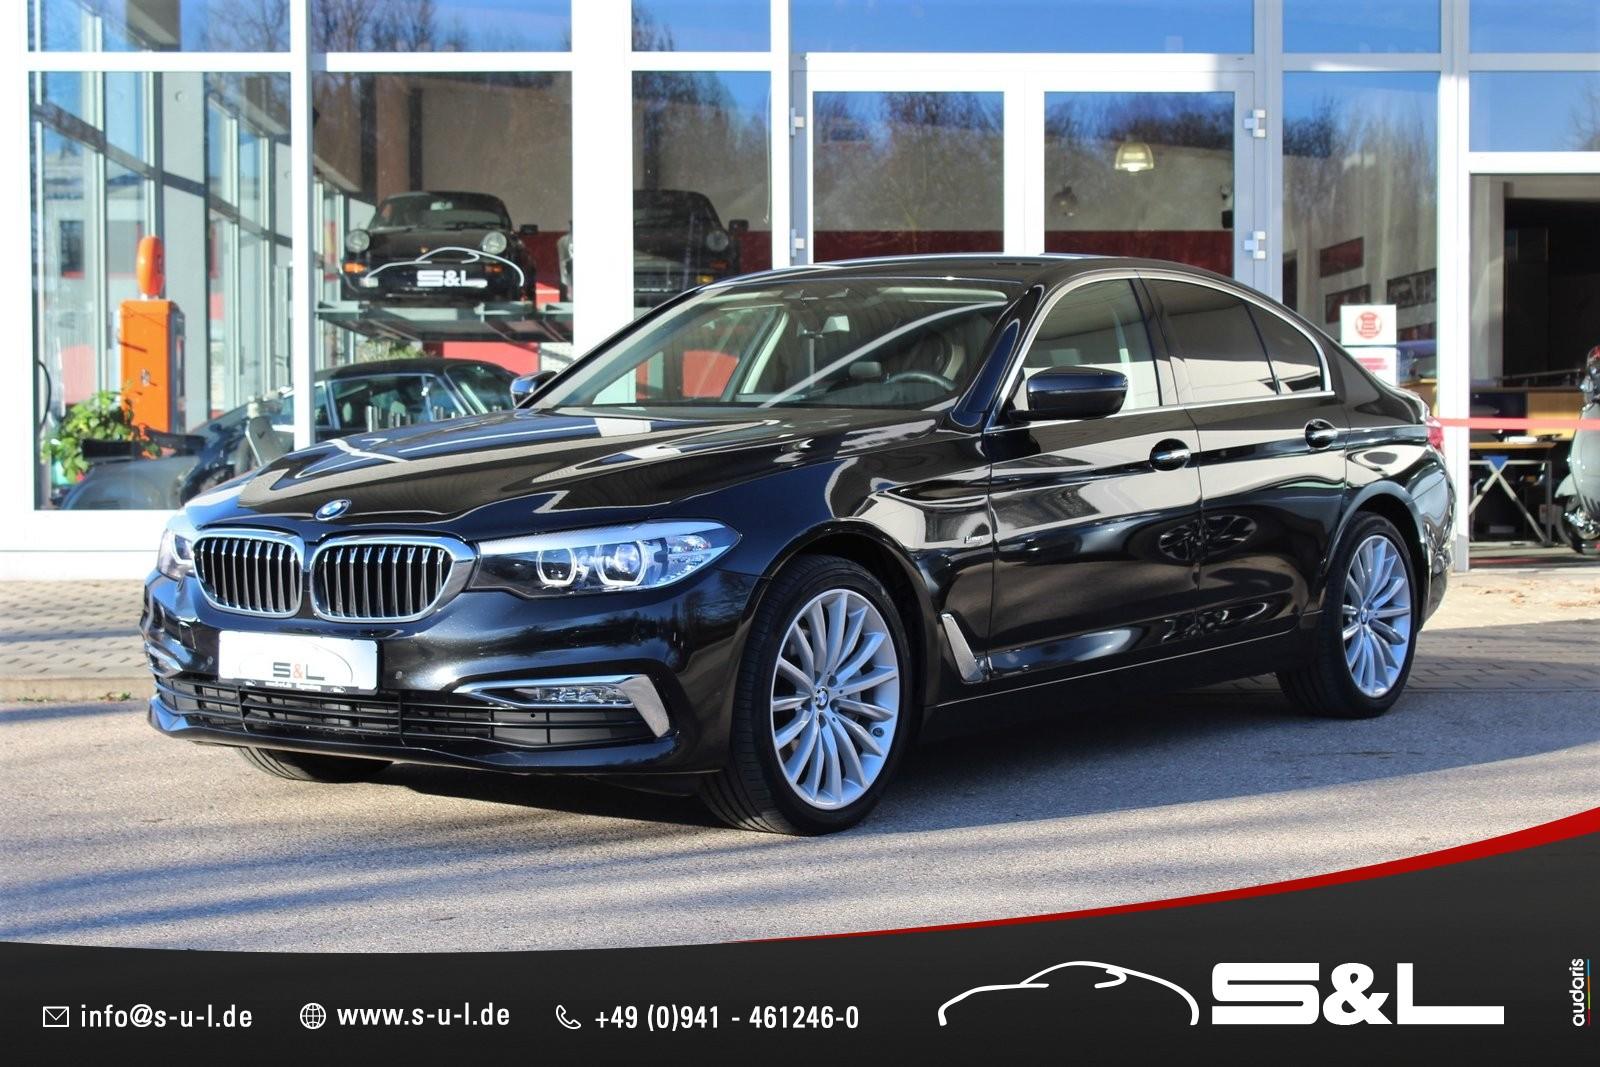 BMW 540d xDrive Luxury /Exklusiv-Nappa/Komfortsitze, Jahr 2018, Diesel